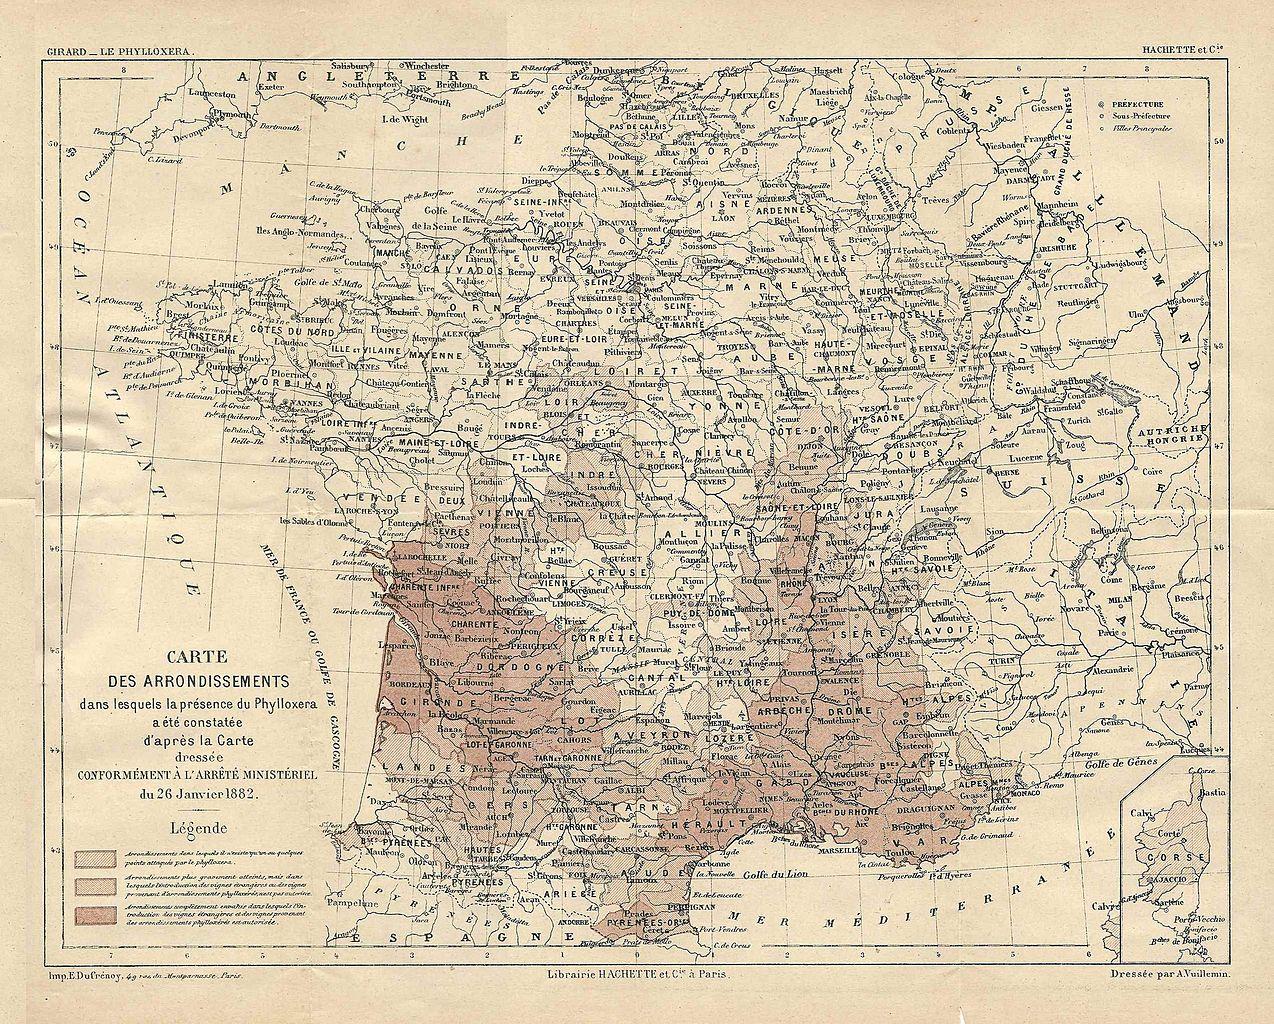 Карта распространения филоксеры во Франции. 1882 г.